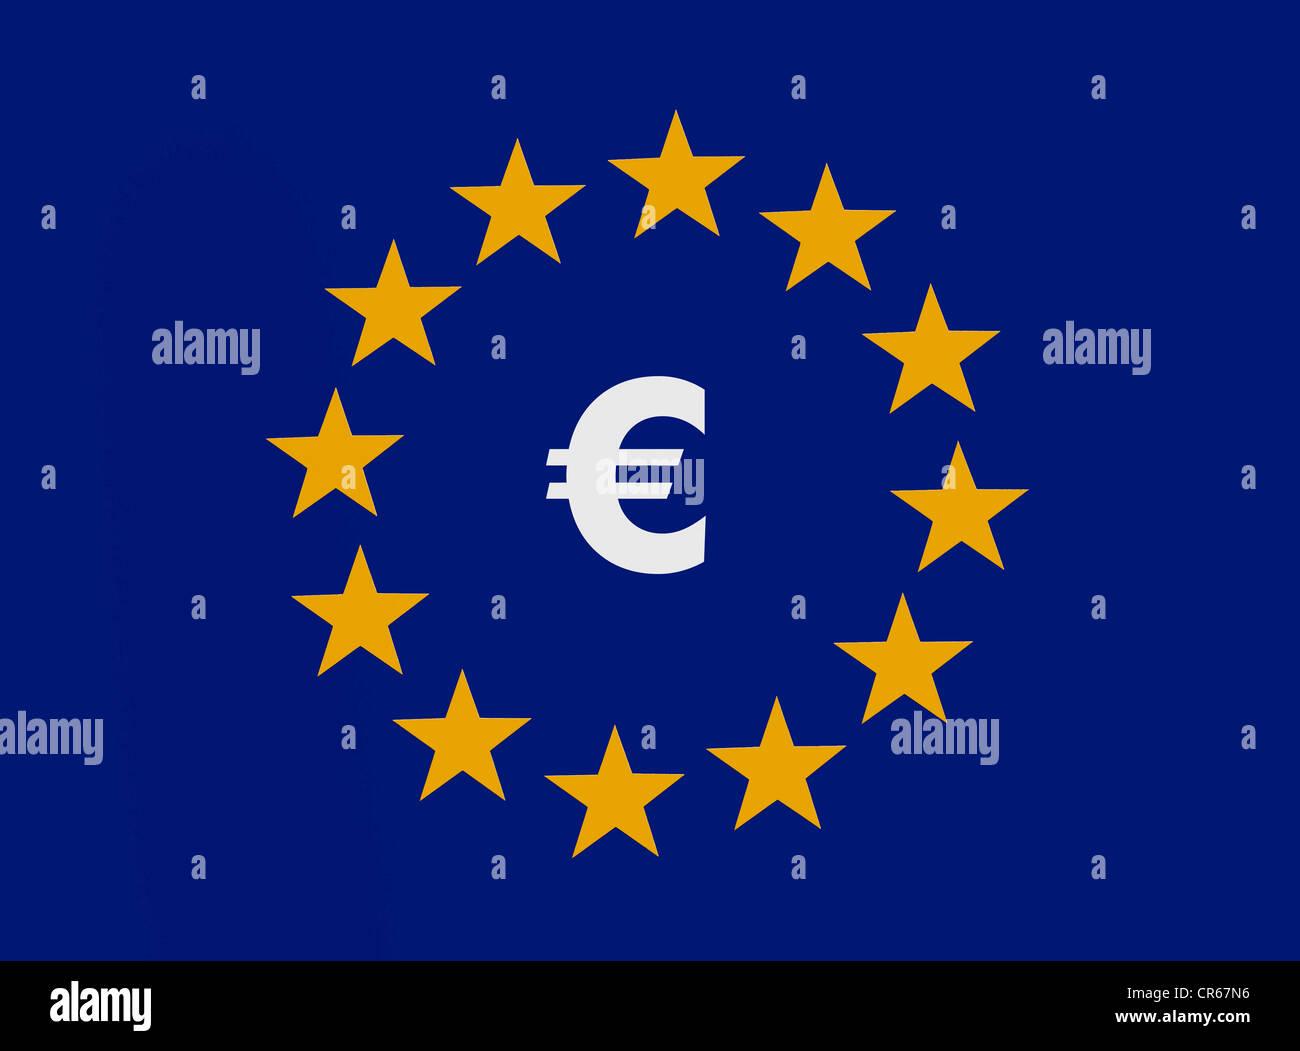 Euro-Symbol in die 12 Sterne der Europäischen Union, europäische Gemeinschaftswährung, Währungsunion Stockbild